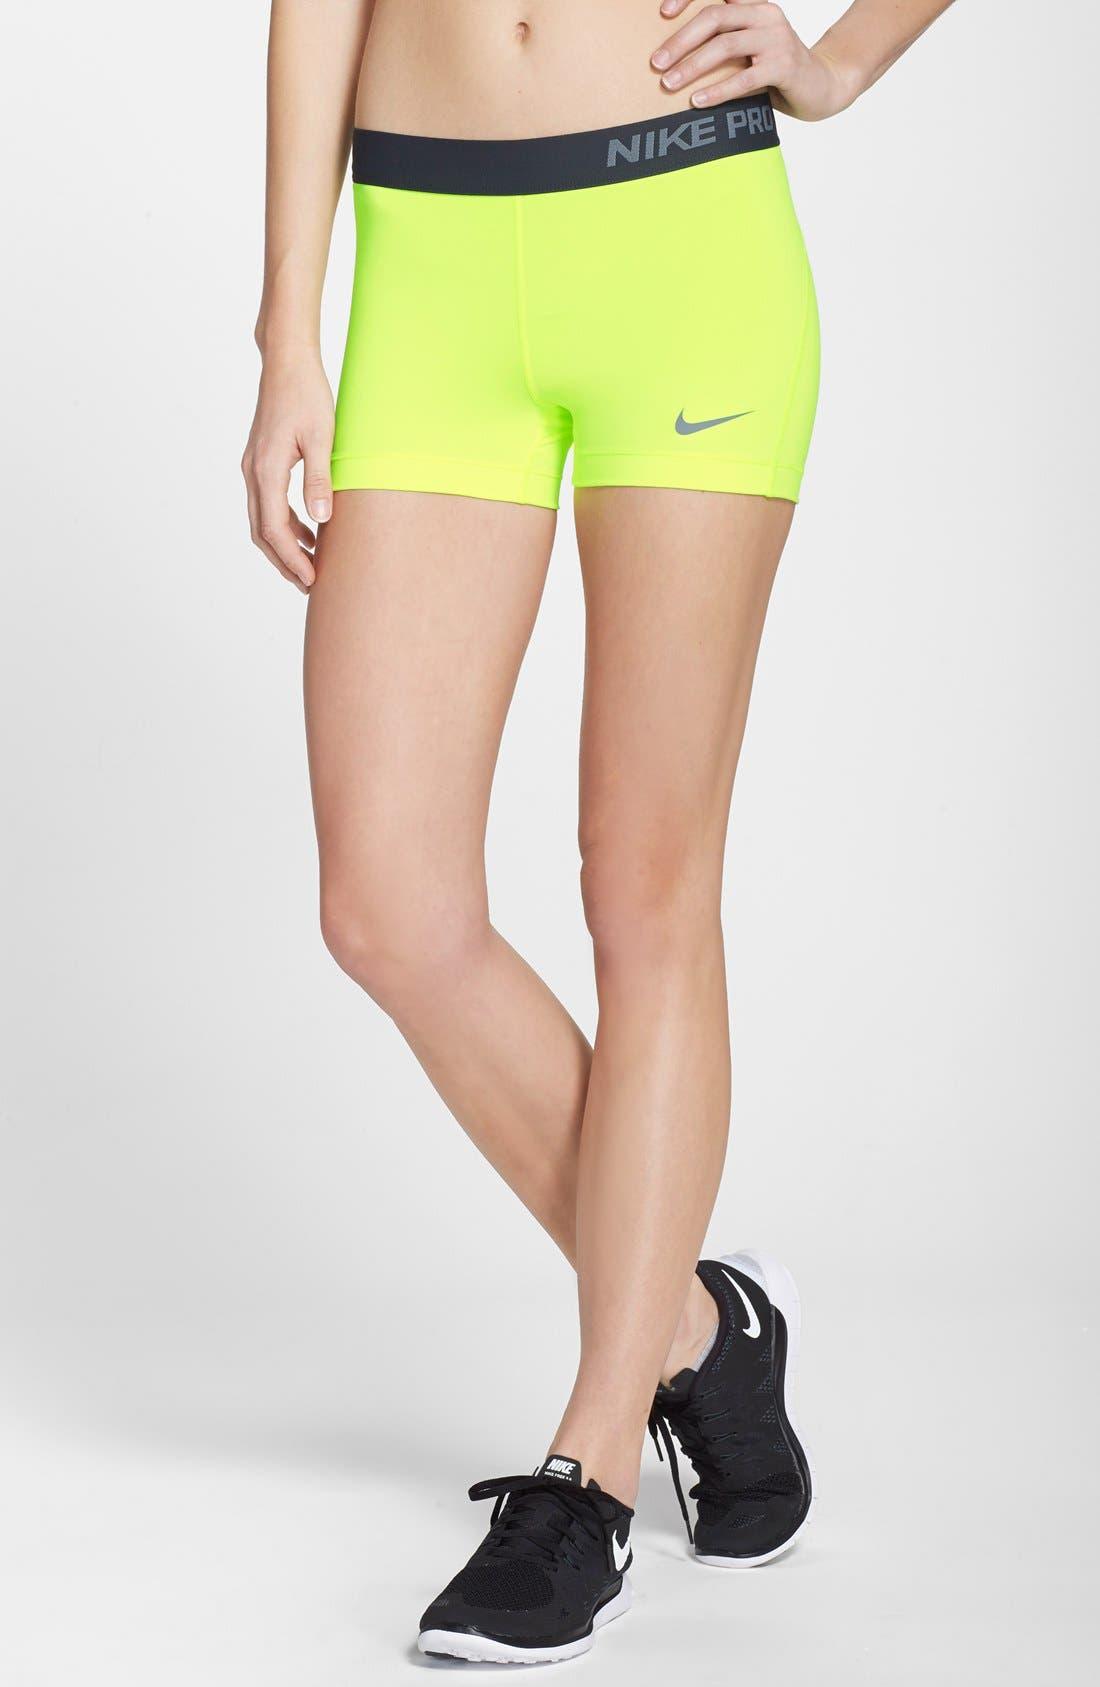 Alternate Image 1 Selected - Nike 'Pro' Dri-FIT Shorts